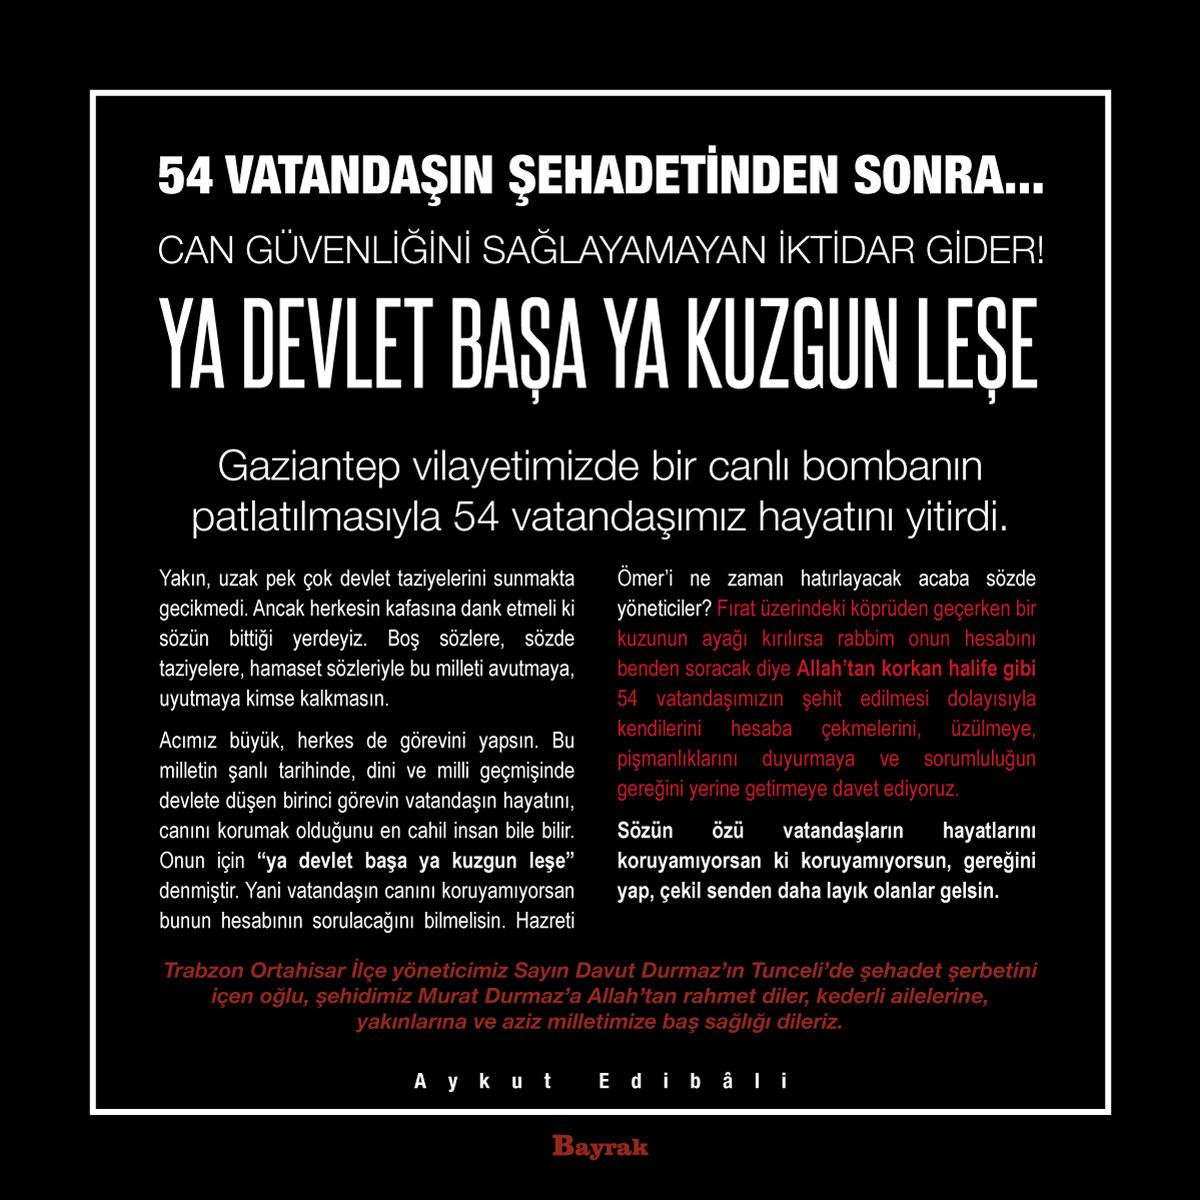 2016-Ağustos-21-Terör-Gaziantep